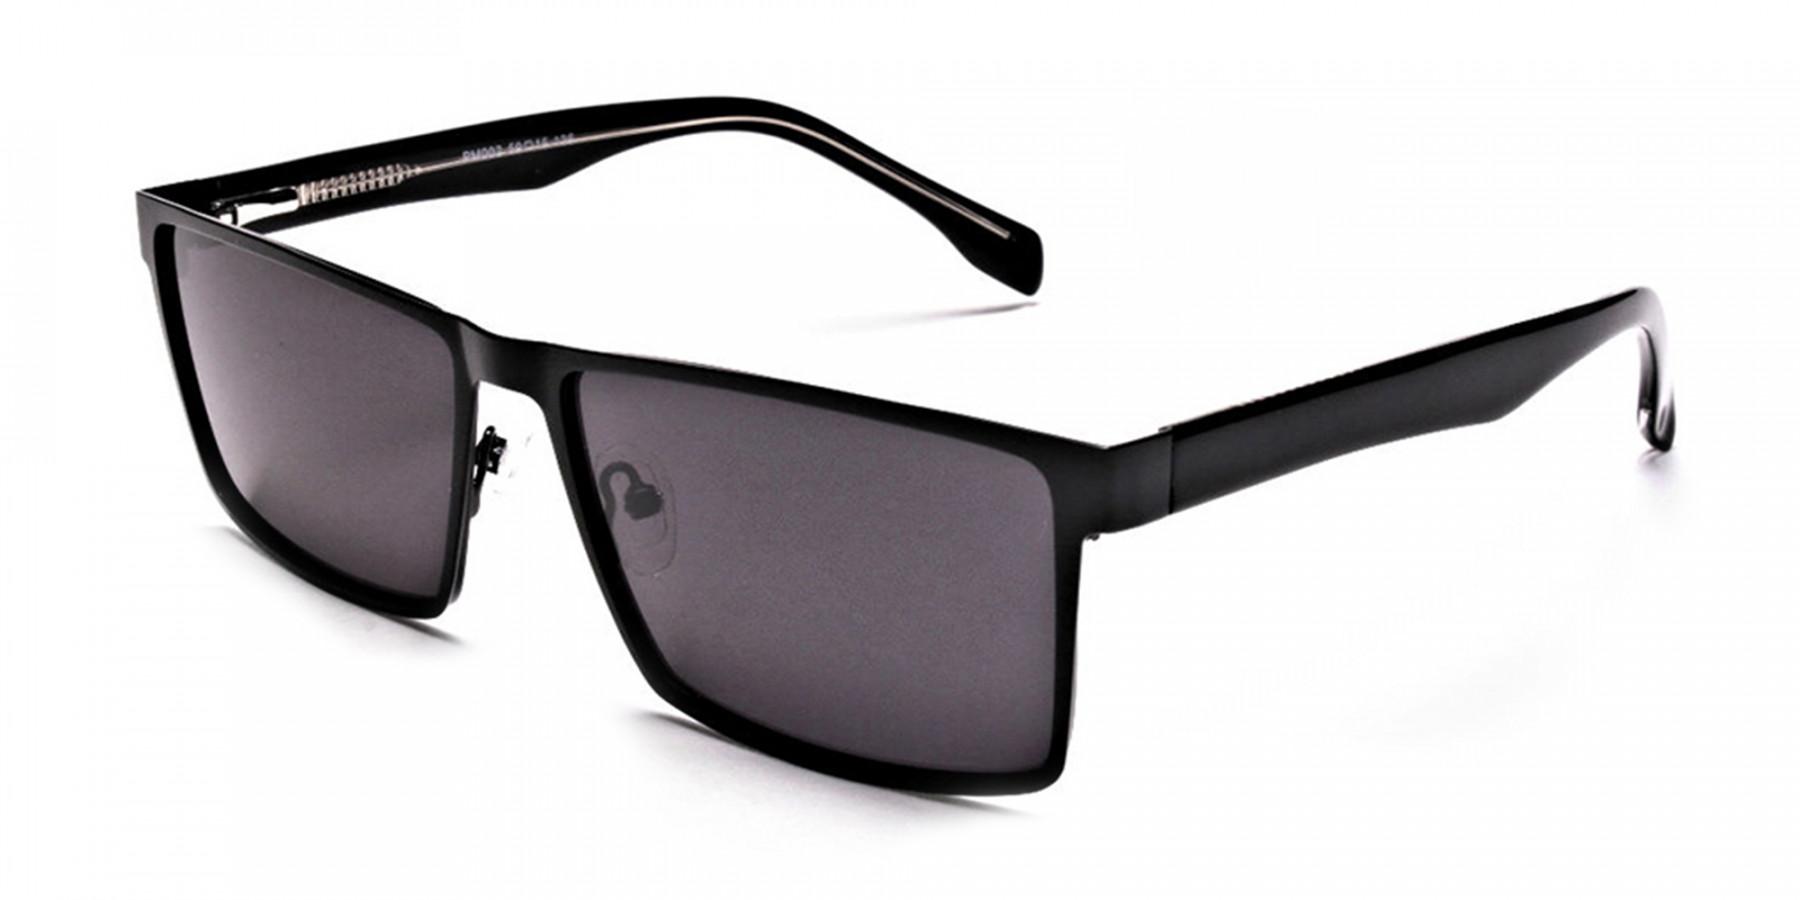 Black Wayfarer Sunglasses for Men and Women - 2